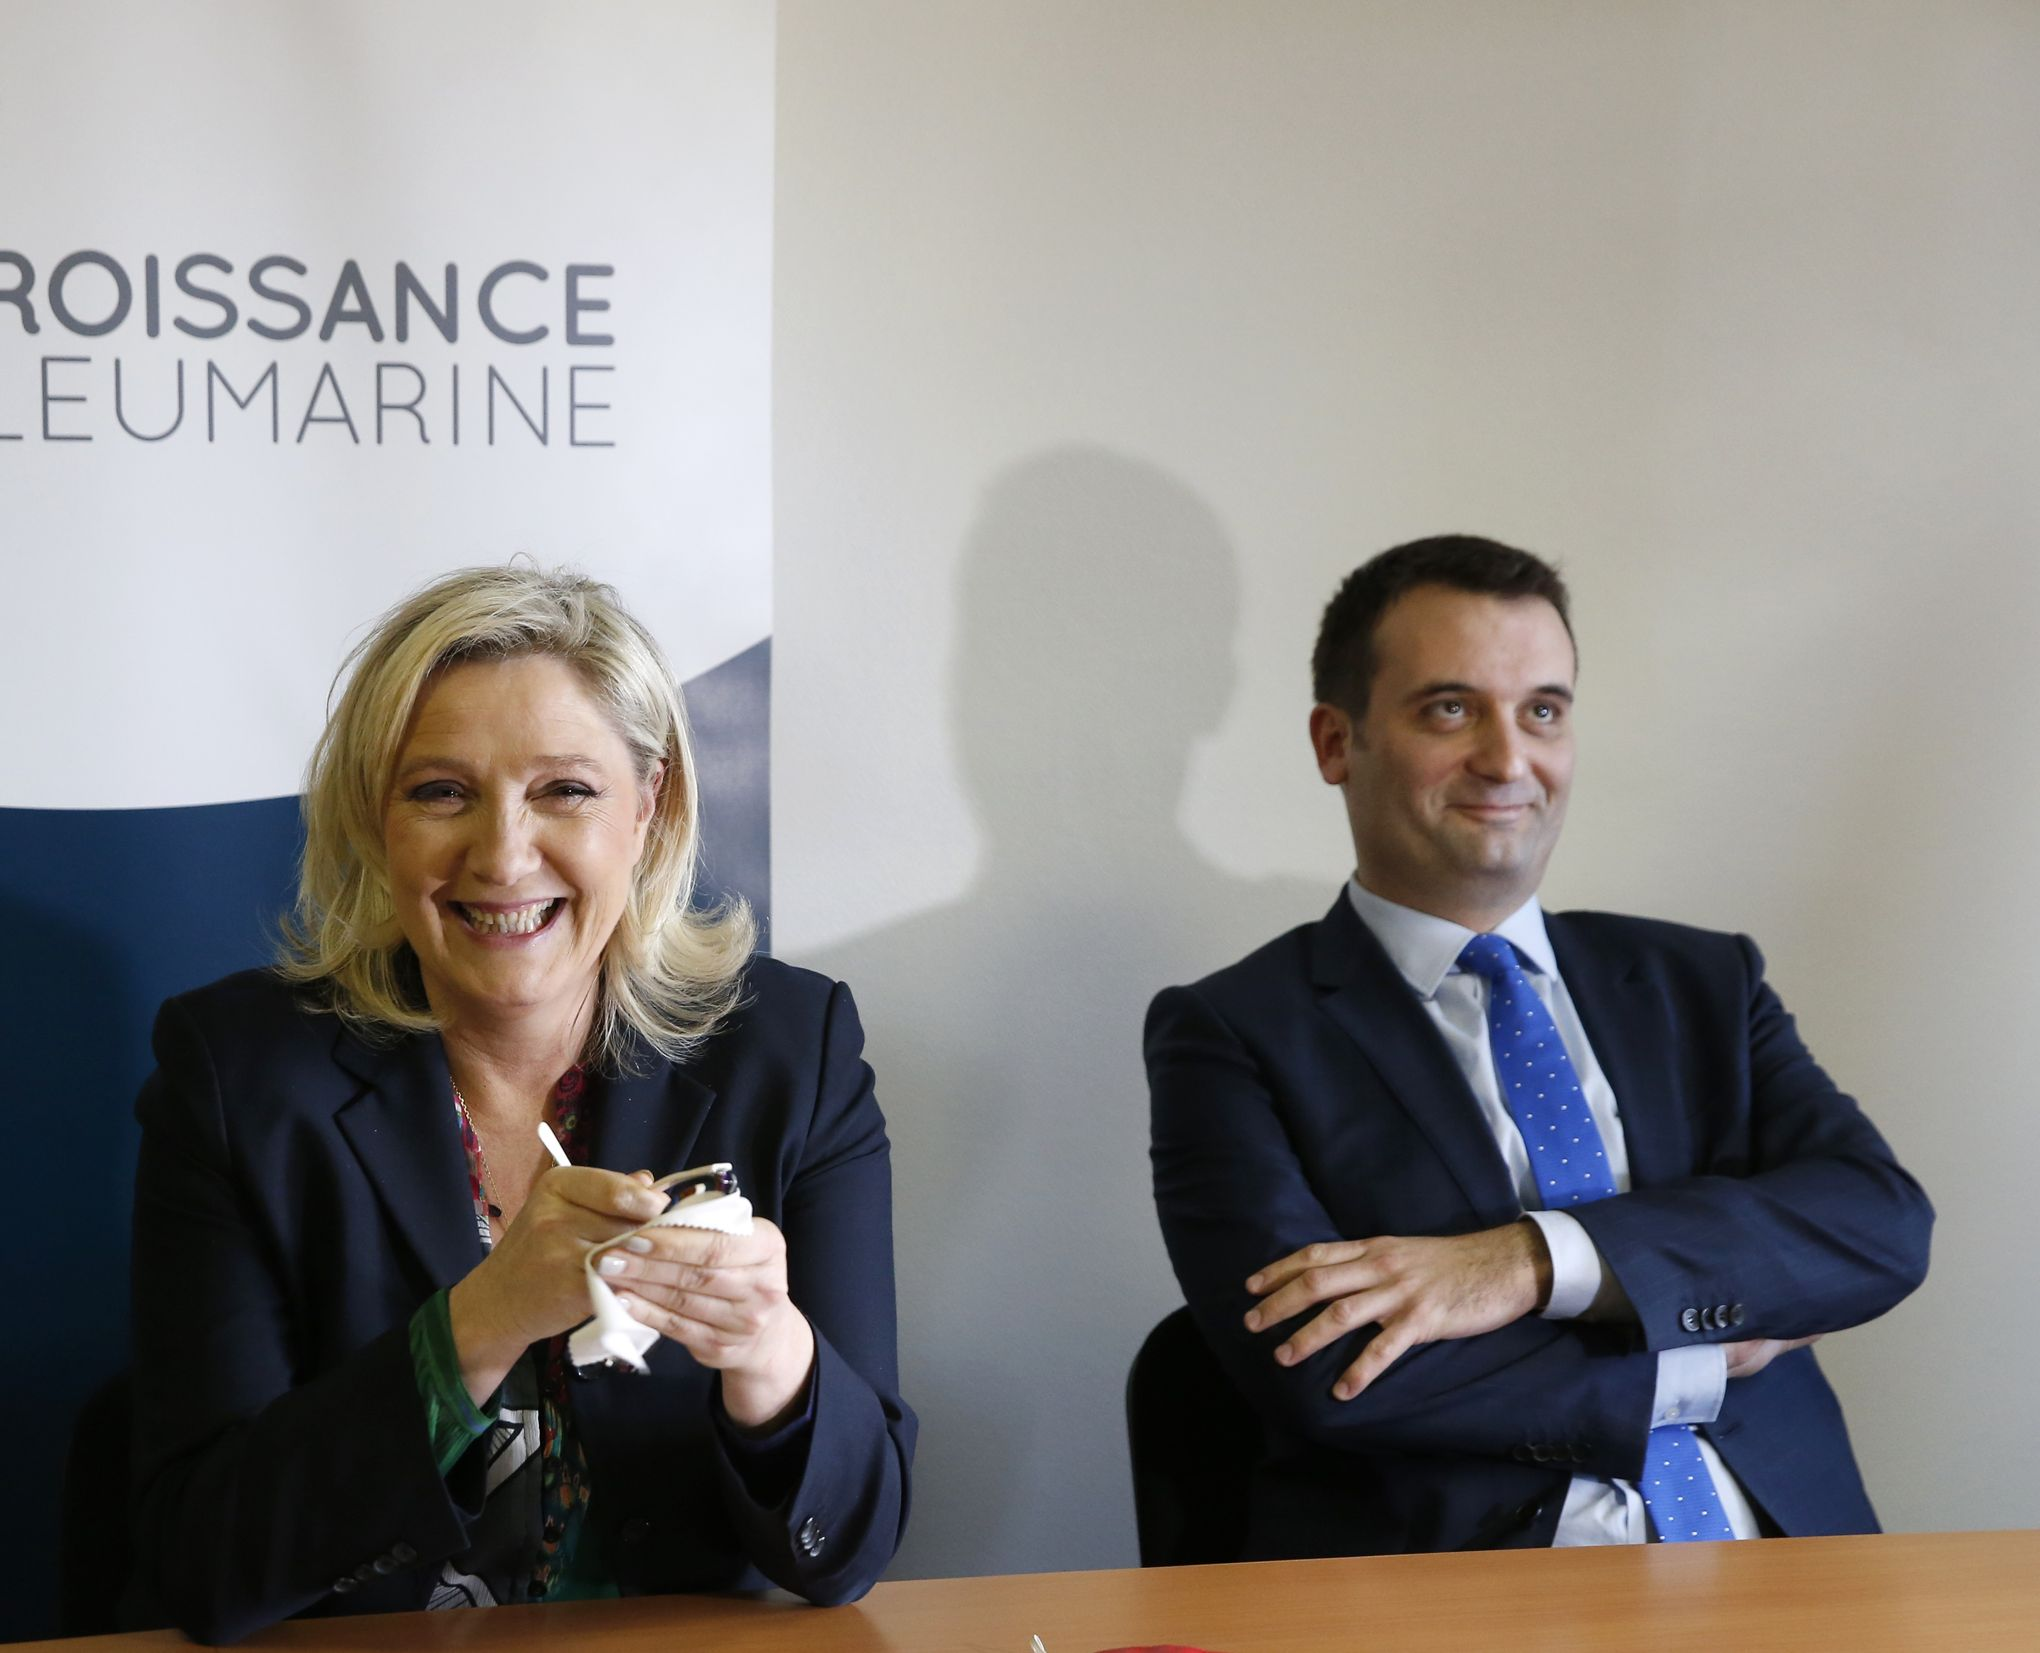 Philippot en appelle à l'électorat de Fillon et Dupont-Aignan